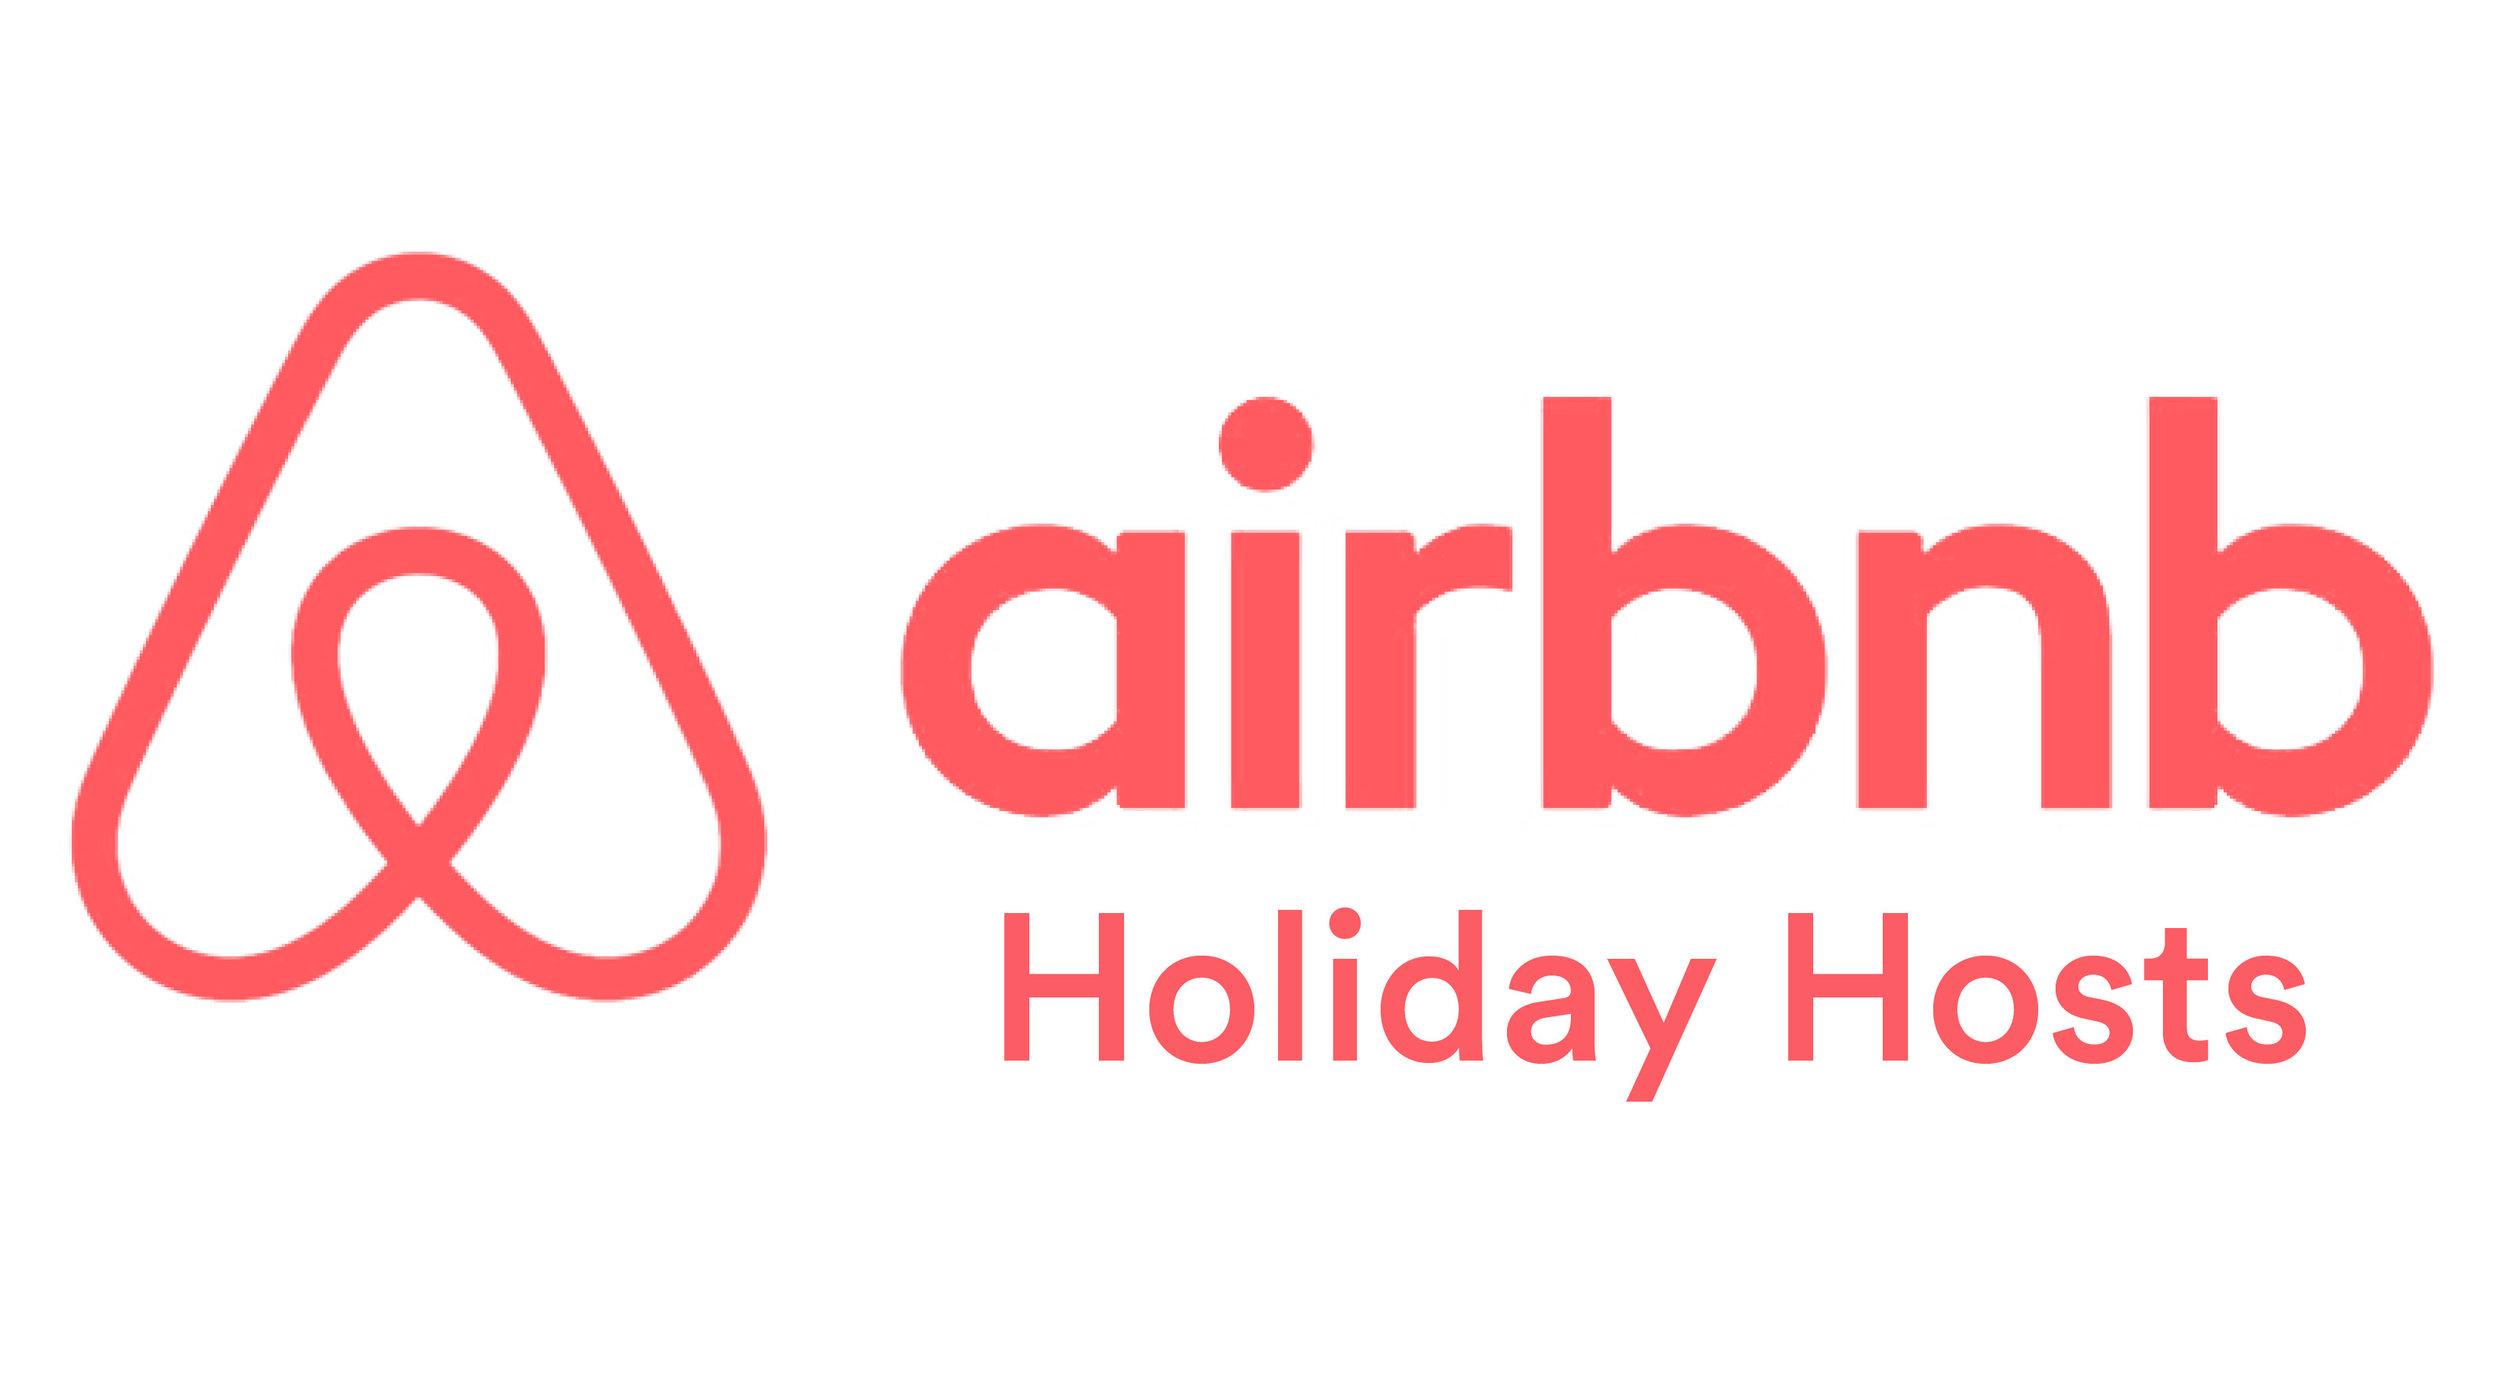 holiday hosts logo.jpg